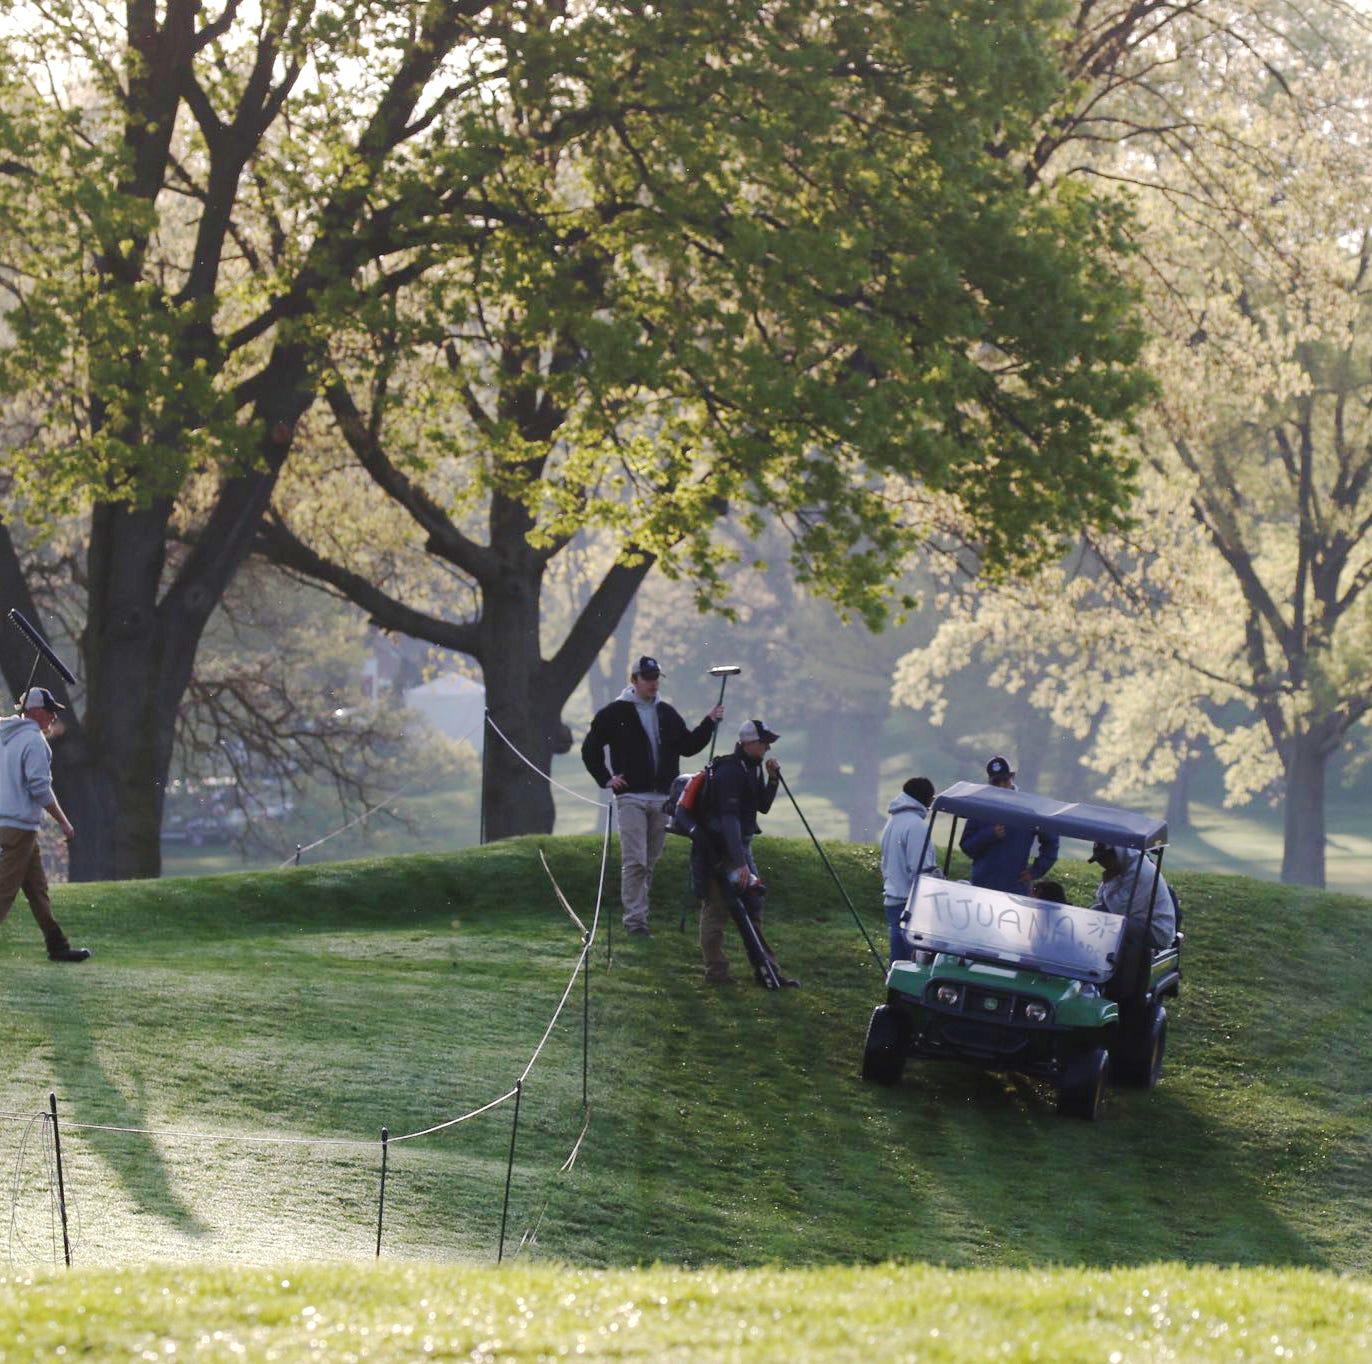 Senior PGA 2019 Day One: Darren Clarke, Retief Goosen off to fast starts in opening round